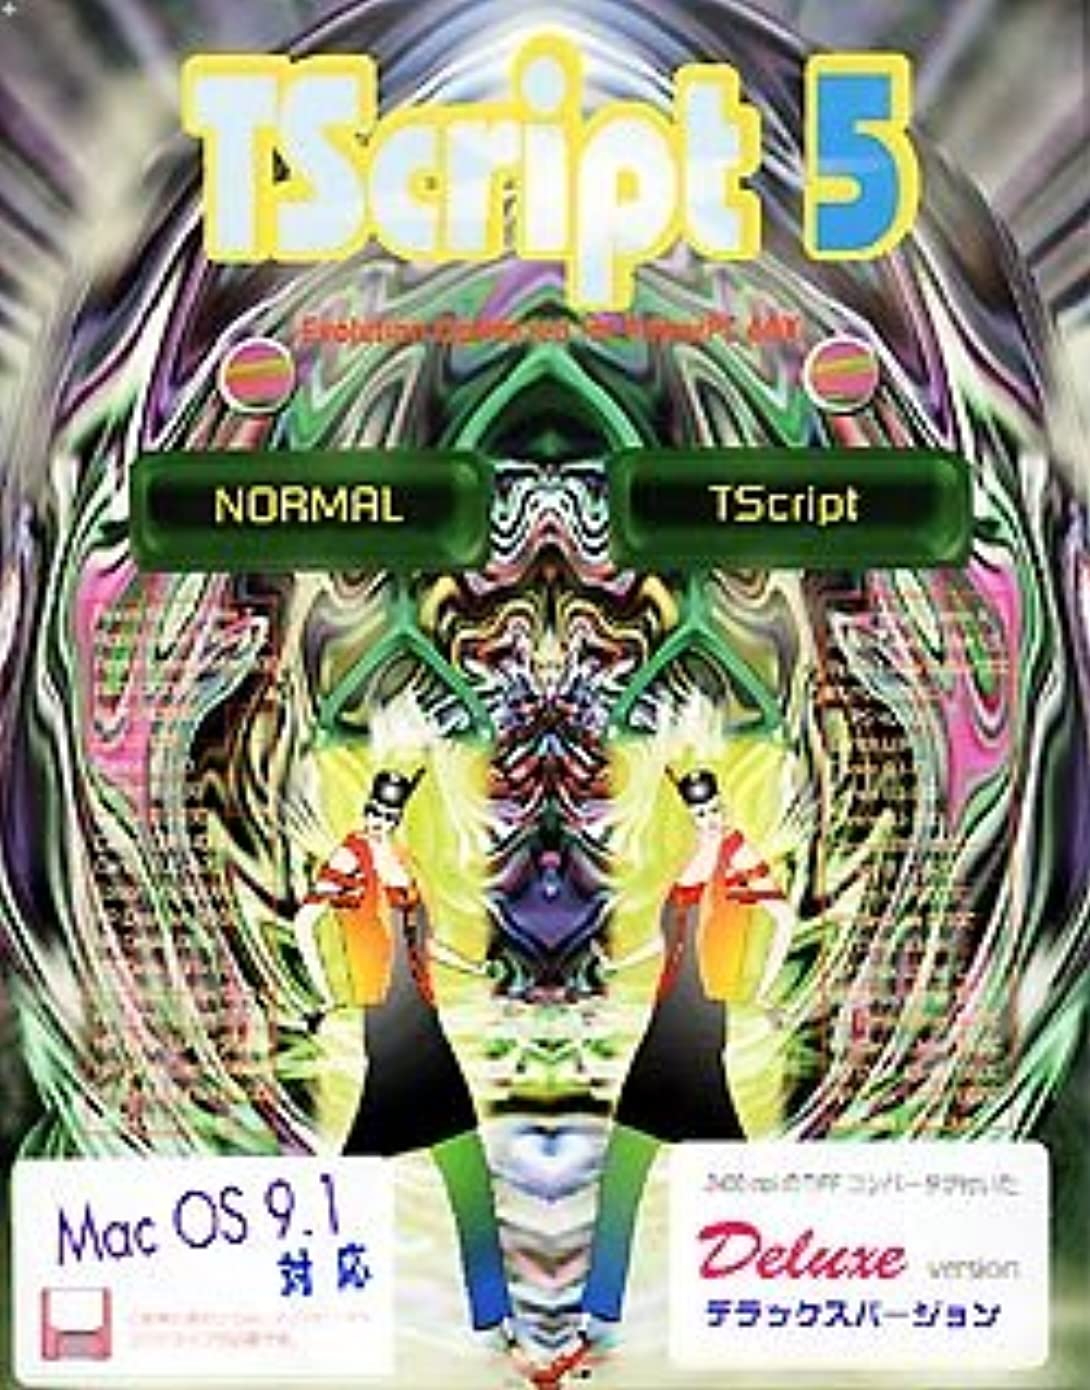 インシデント幾分売上高TScript 5.0 デラックスバージョン 日本語版